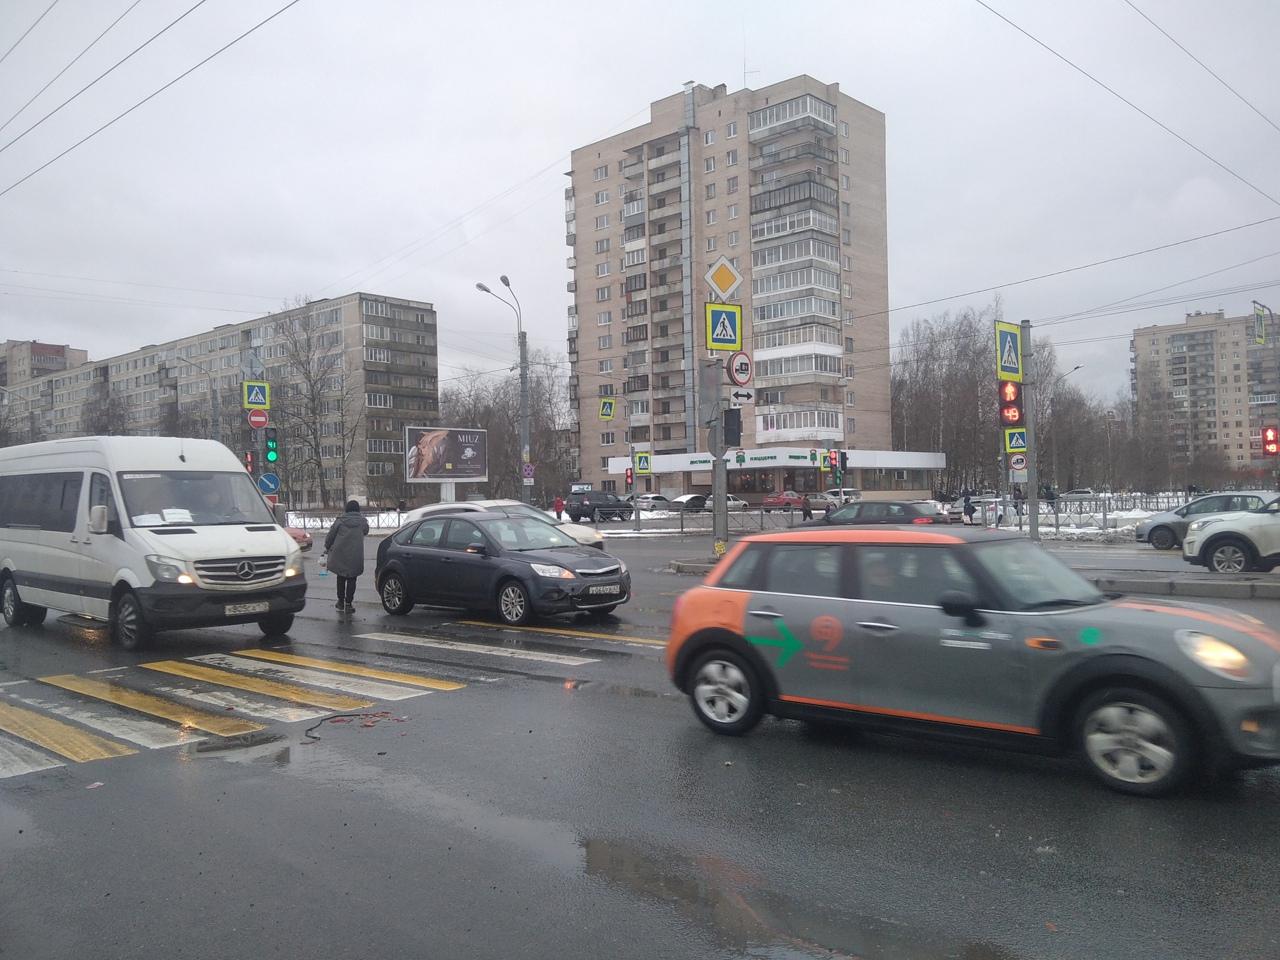 В 18:15 я засвидетельствовала ДТП на злополучном перекрестке Крыленко и Большевиков. Переходили доро...